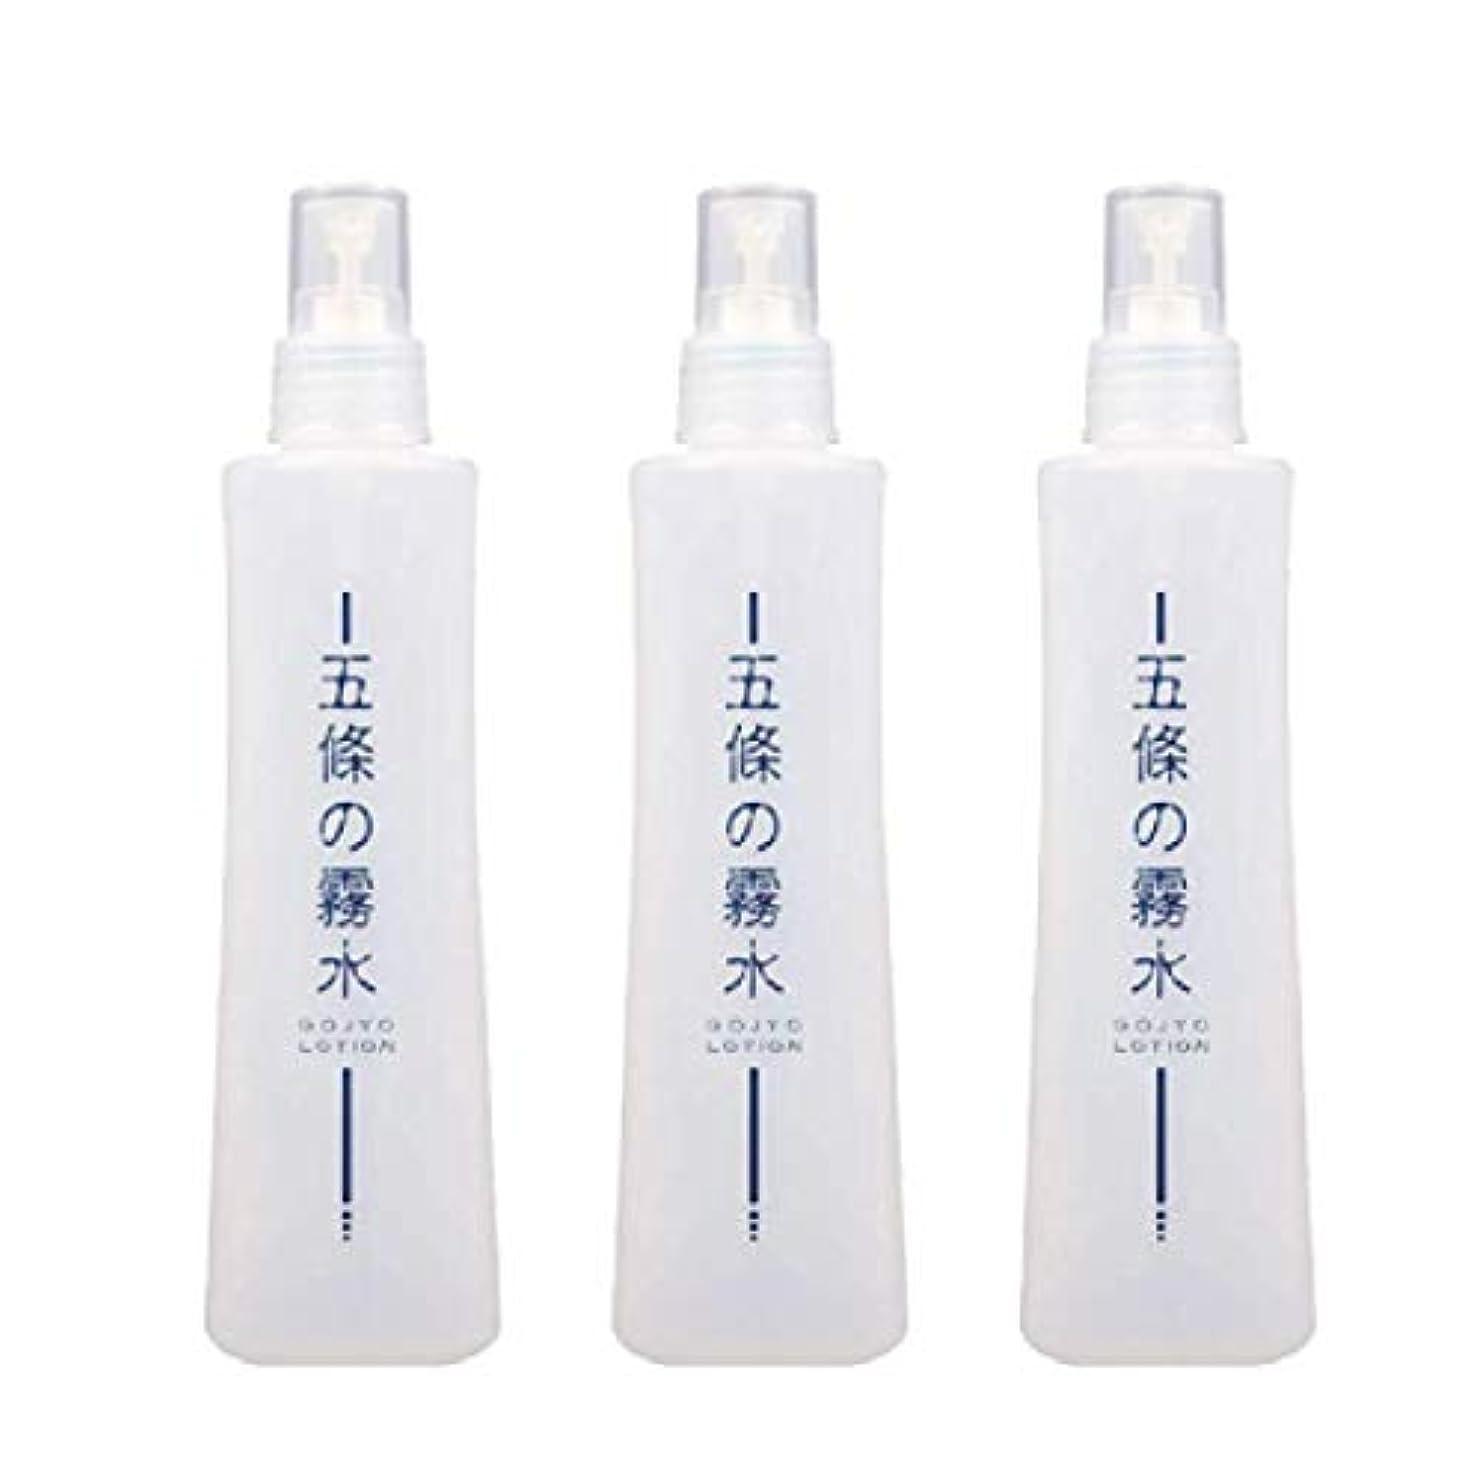 工場パネル擬人五條の霧水ベーシック(3本セット) +アレッポの石鹸1個プレゼント 無添加保湿化粧水